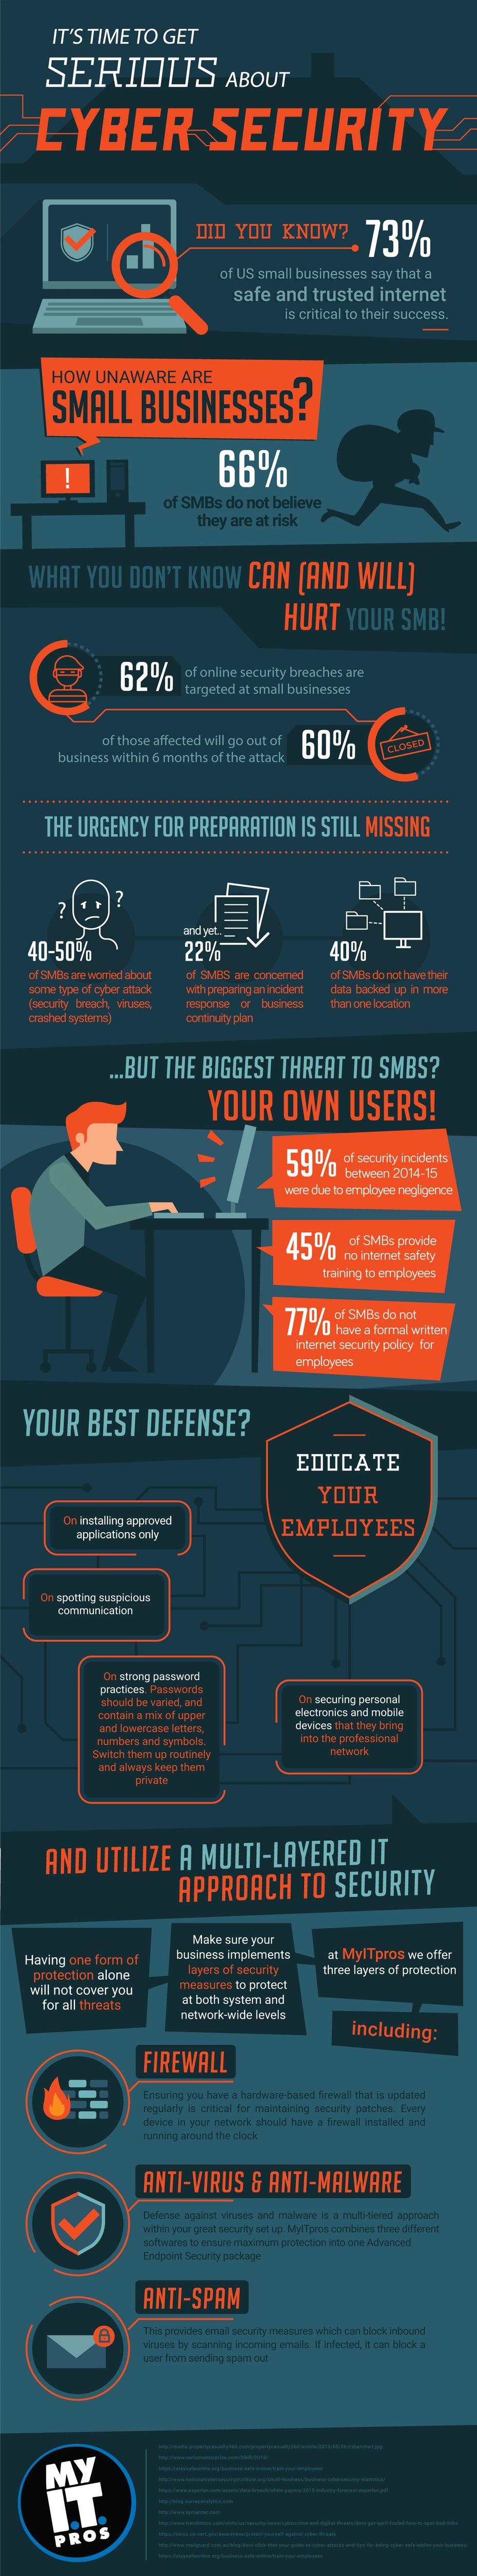 IT Pros infographic